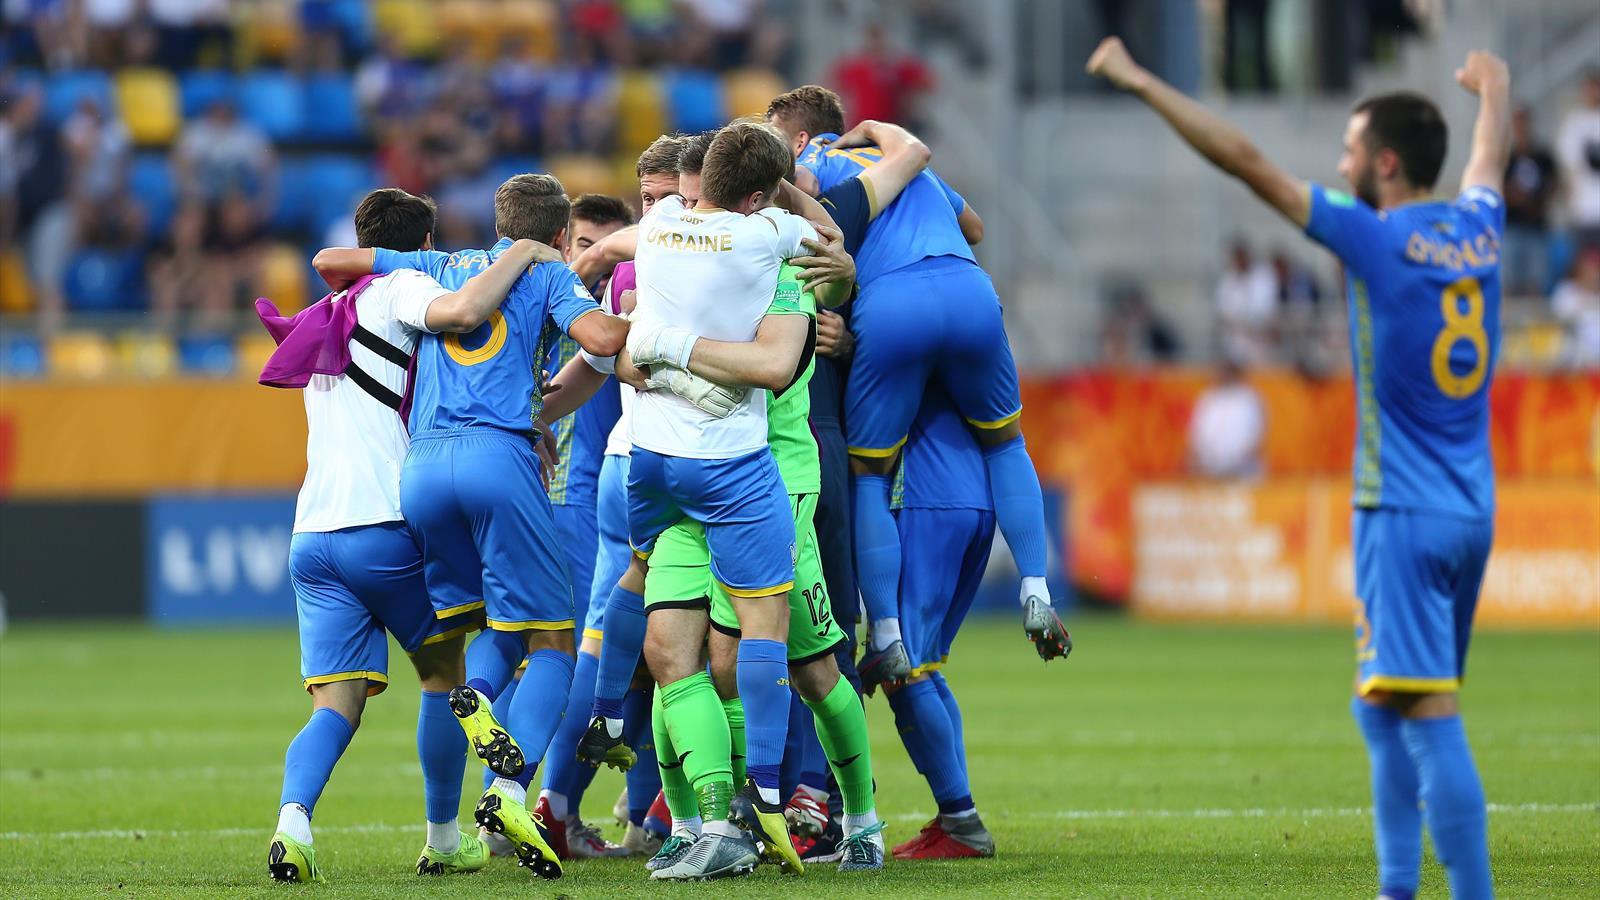 Сборная Украины в финале молодежного чемпионата мира. Что это за команда